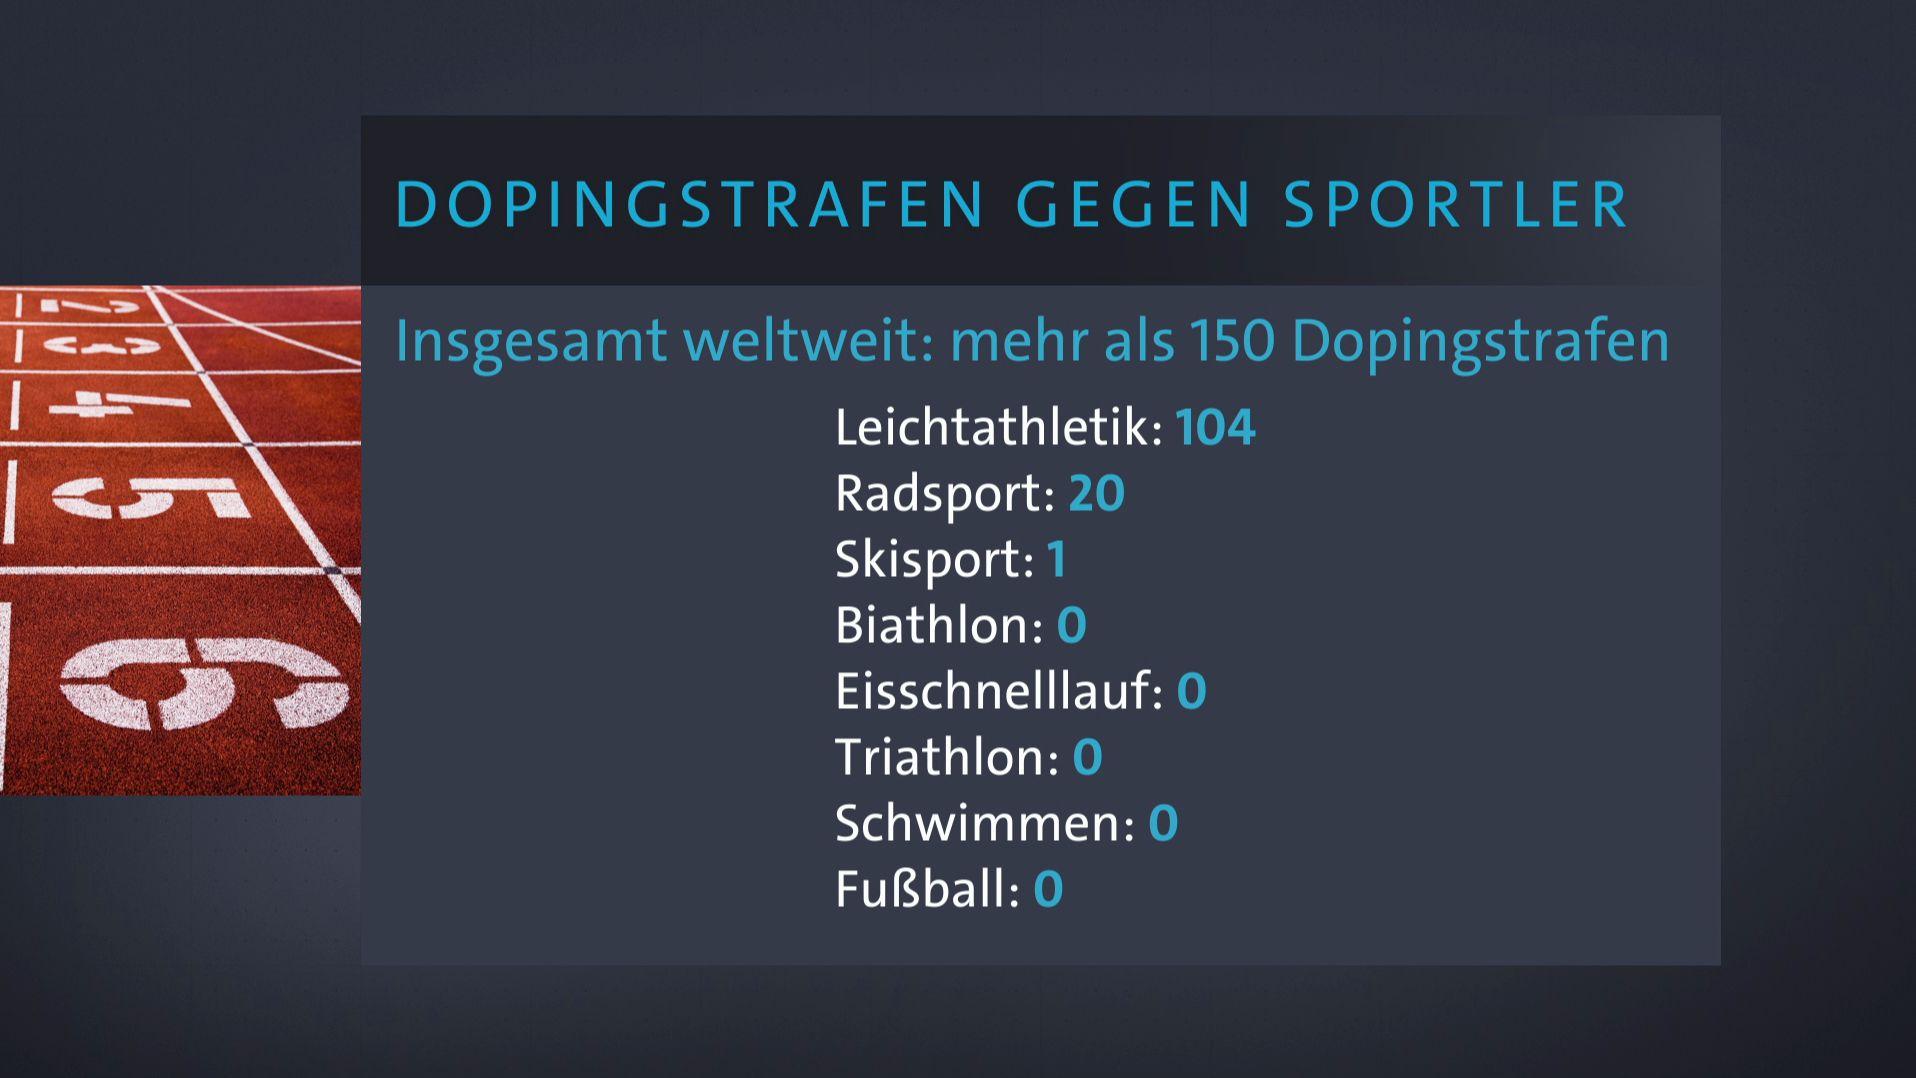 Dopingstrafen durch die WADA aufgrund des Blutpasses